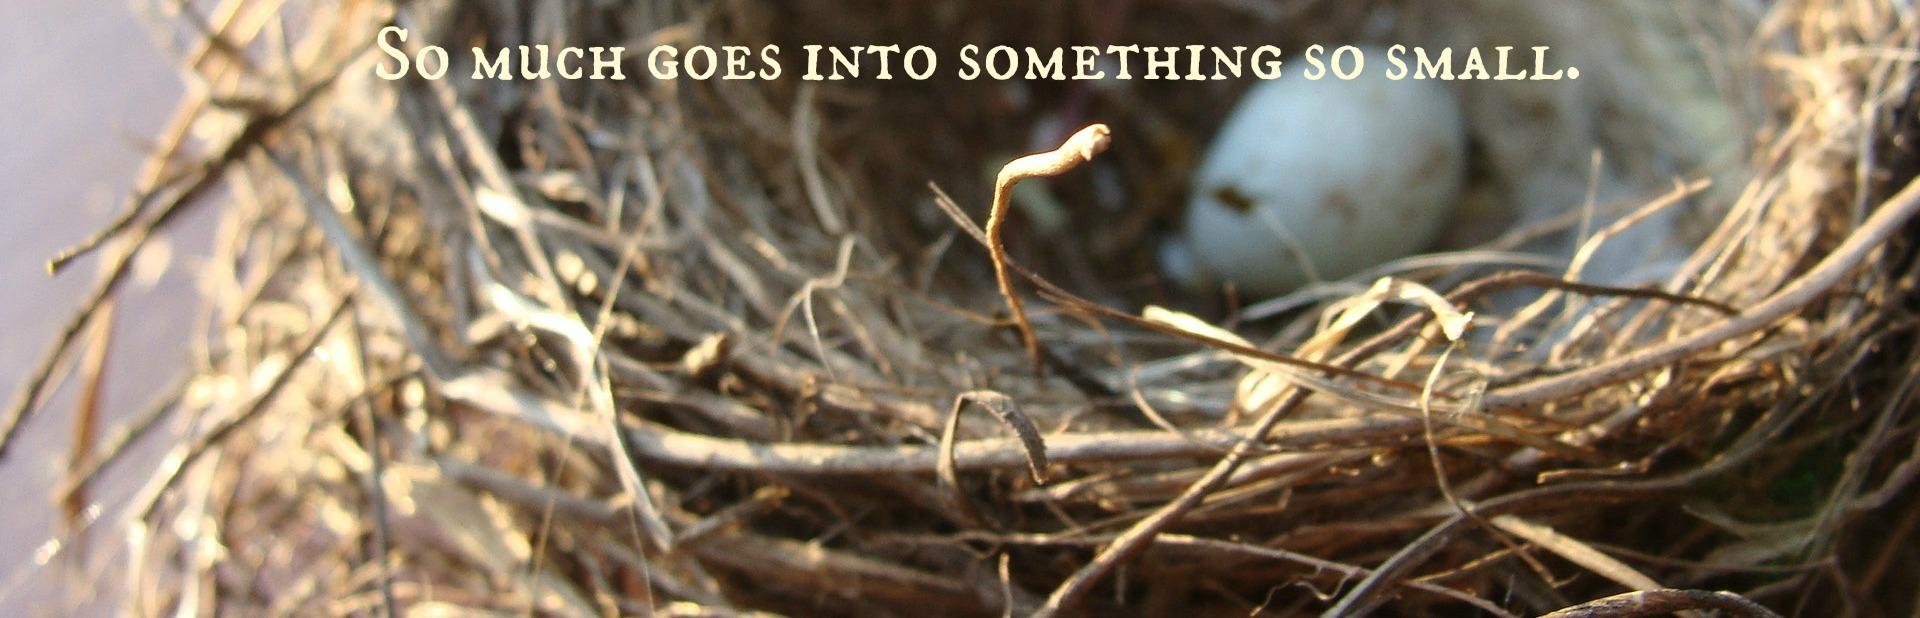 bird-egg-home-88121